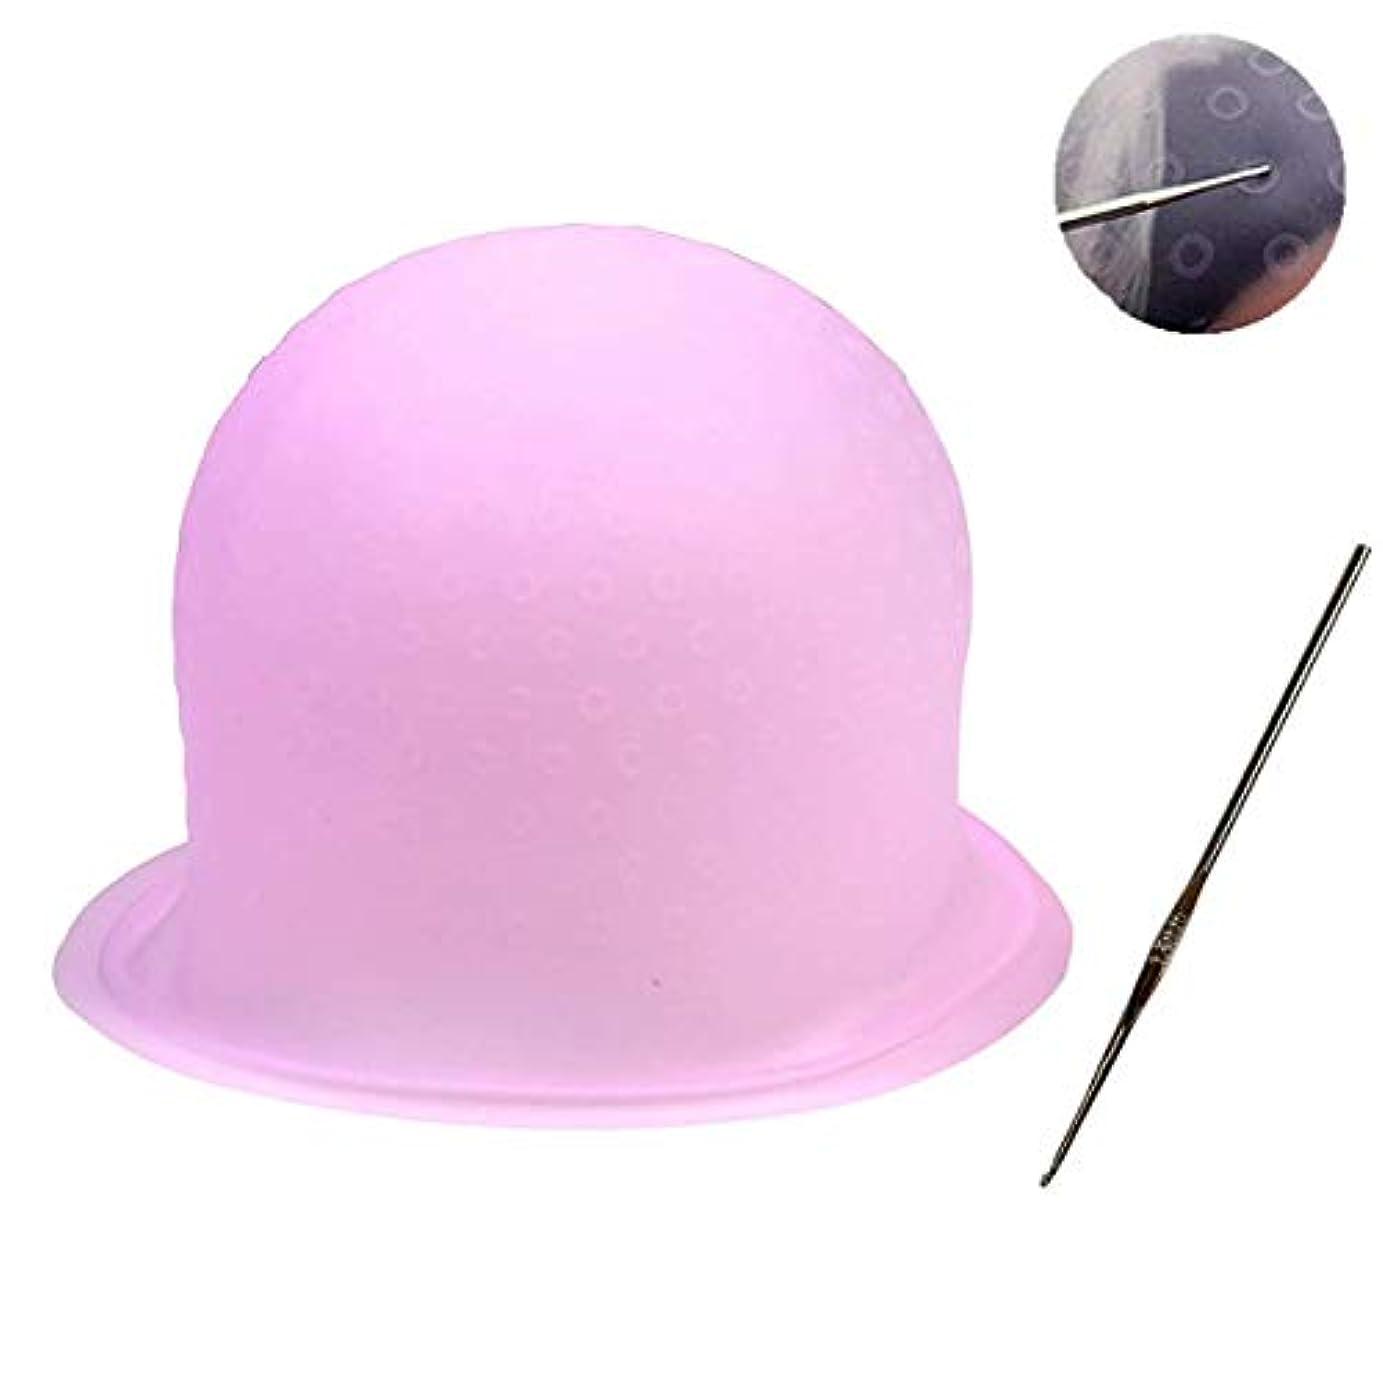 アプトレール著名な毛染めキャップ 毛染め ハイライトキャップ ブリーチ 髪 シリコン素材 カラーリング 不要な染めを避ける 洗って使える(ピンク)